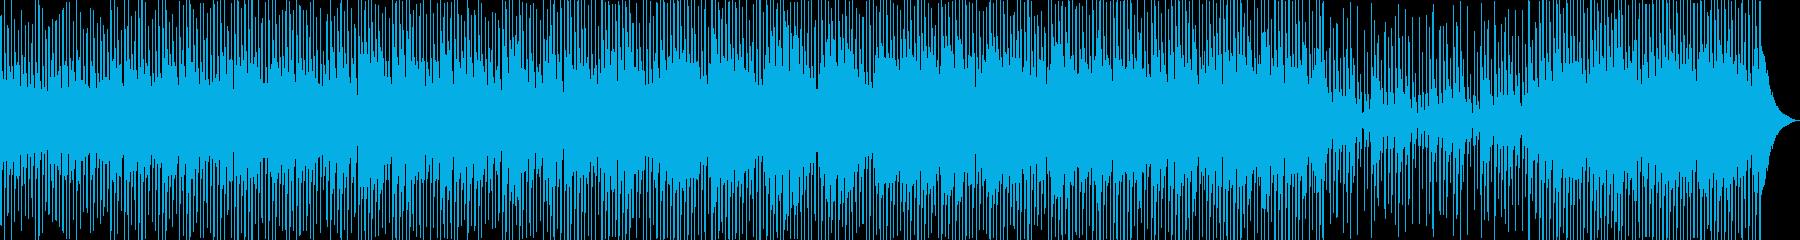 軽快でエキサイティングなポップスの再生済みの波形